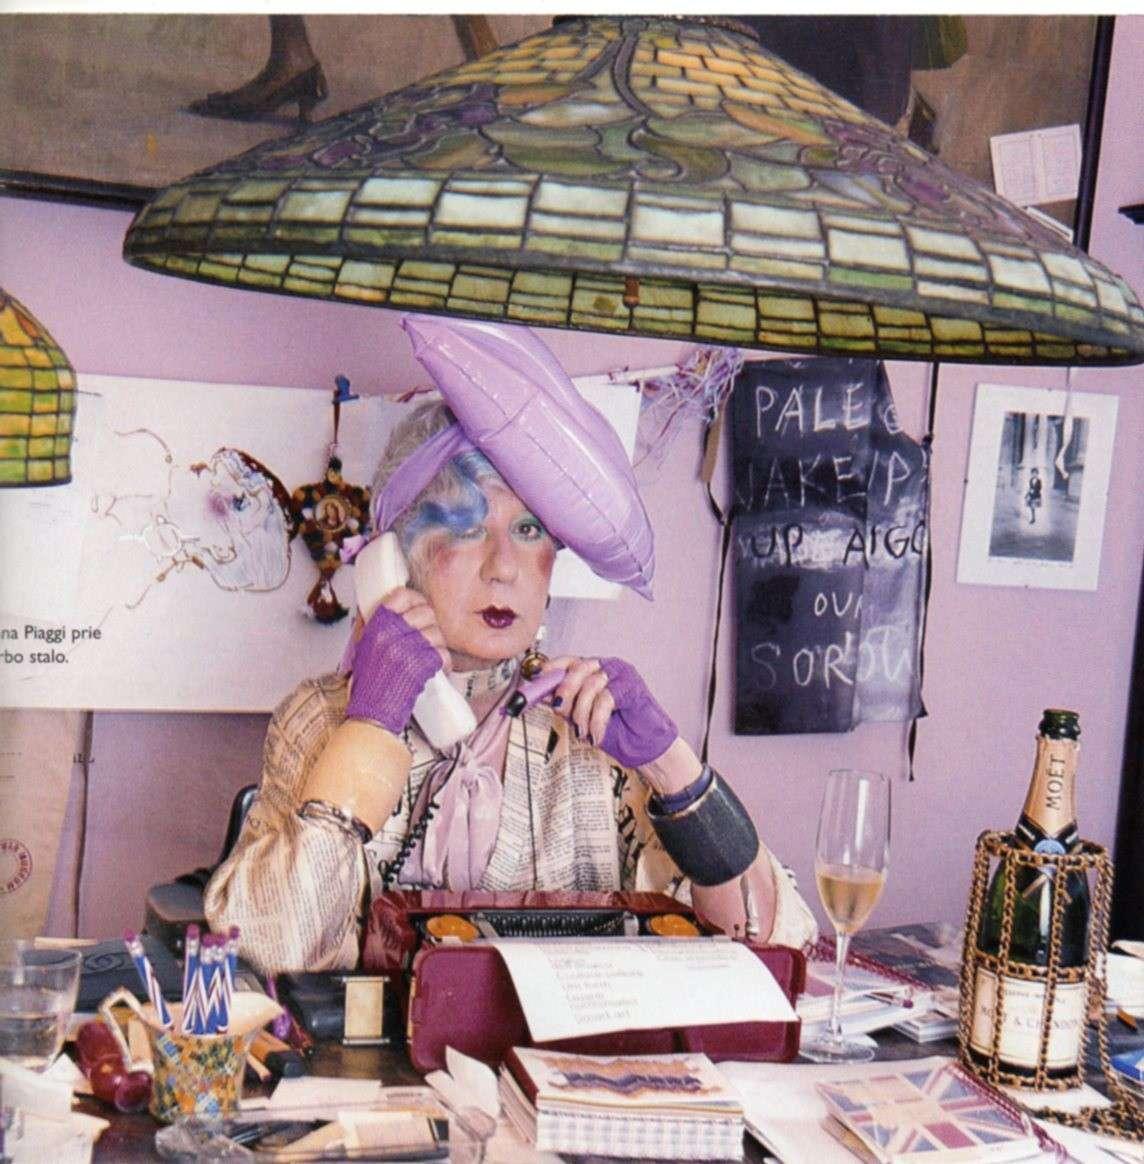 Anna Piaggi, morta la giornalista di moda più eccentrica [FOTO]